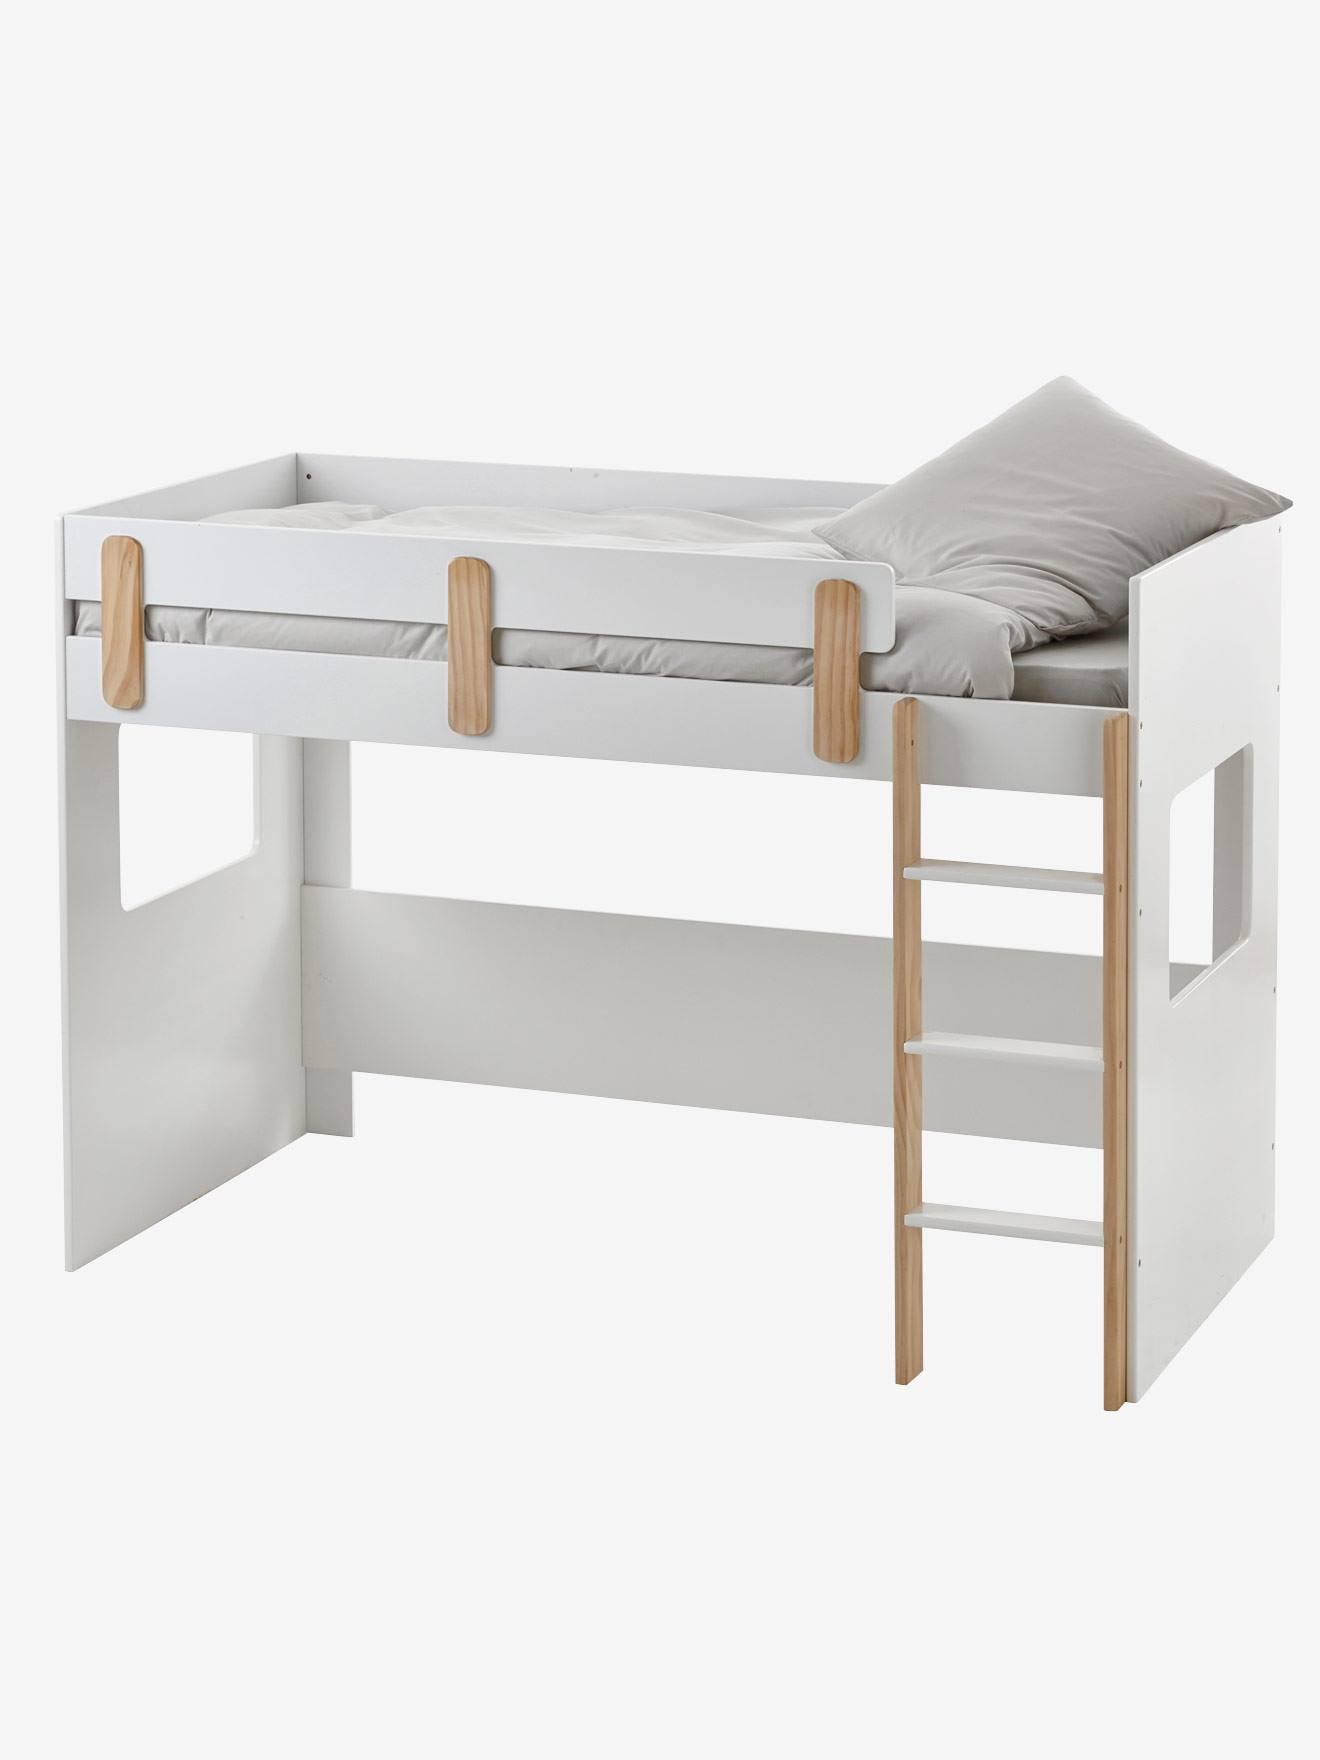 cabane de lit en tissu amazing dimension lit cabane. Black Bedroom Furniture Sets. Home Design Ideas